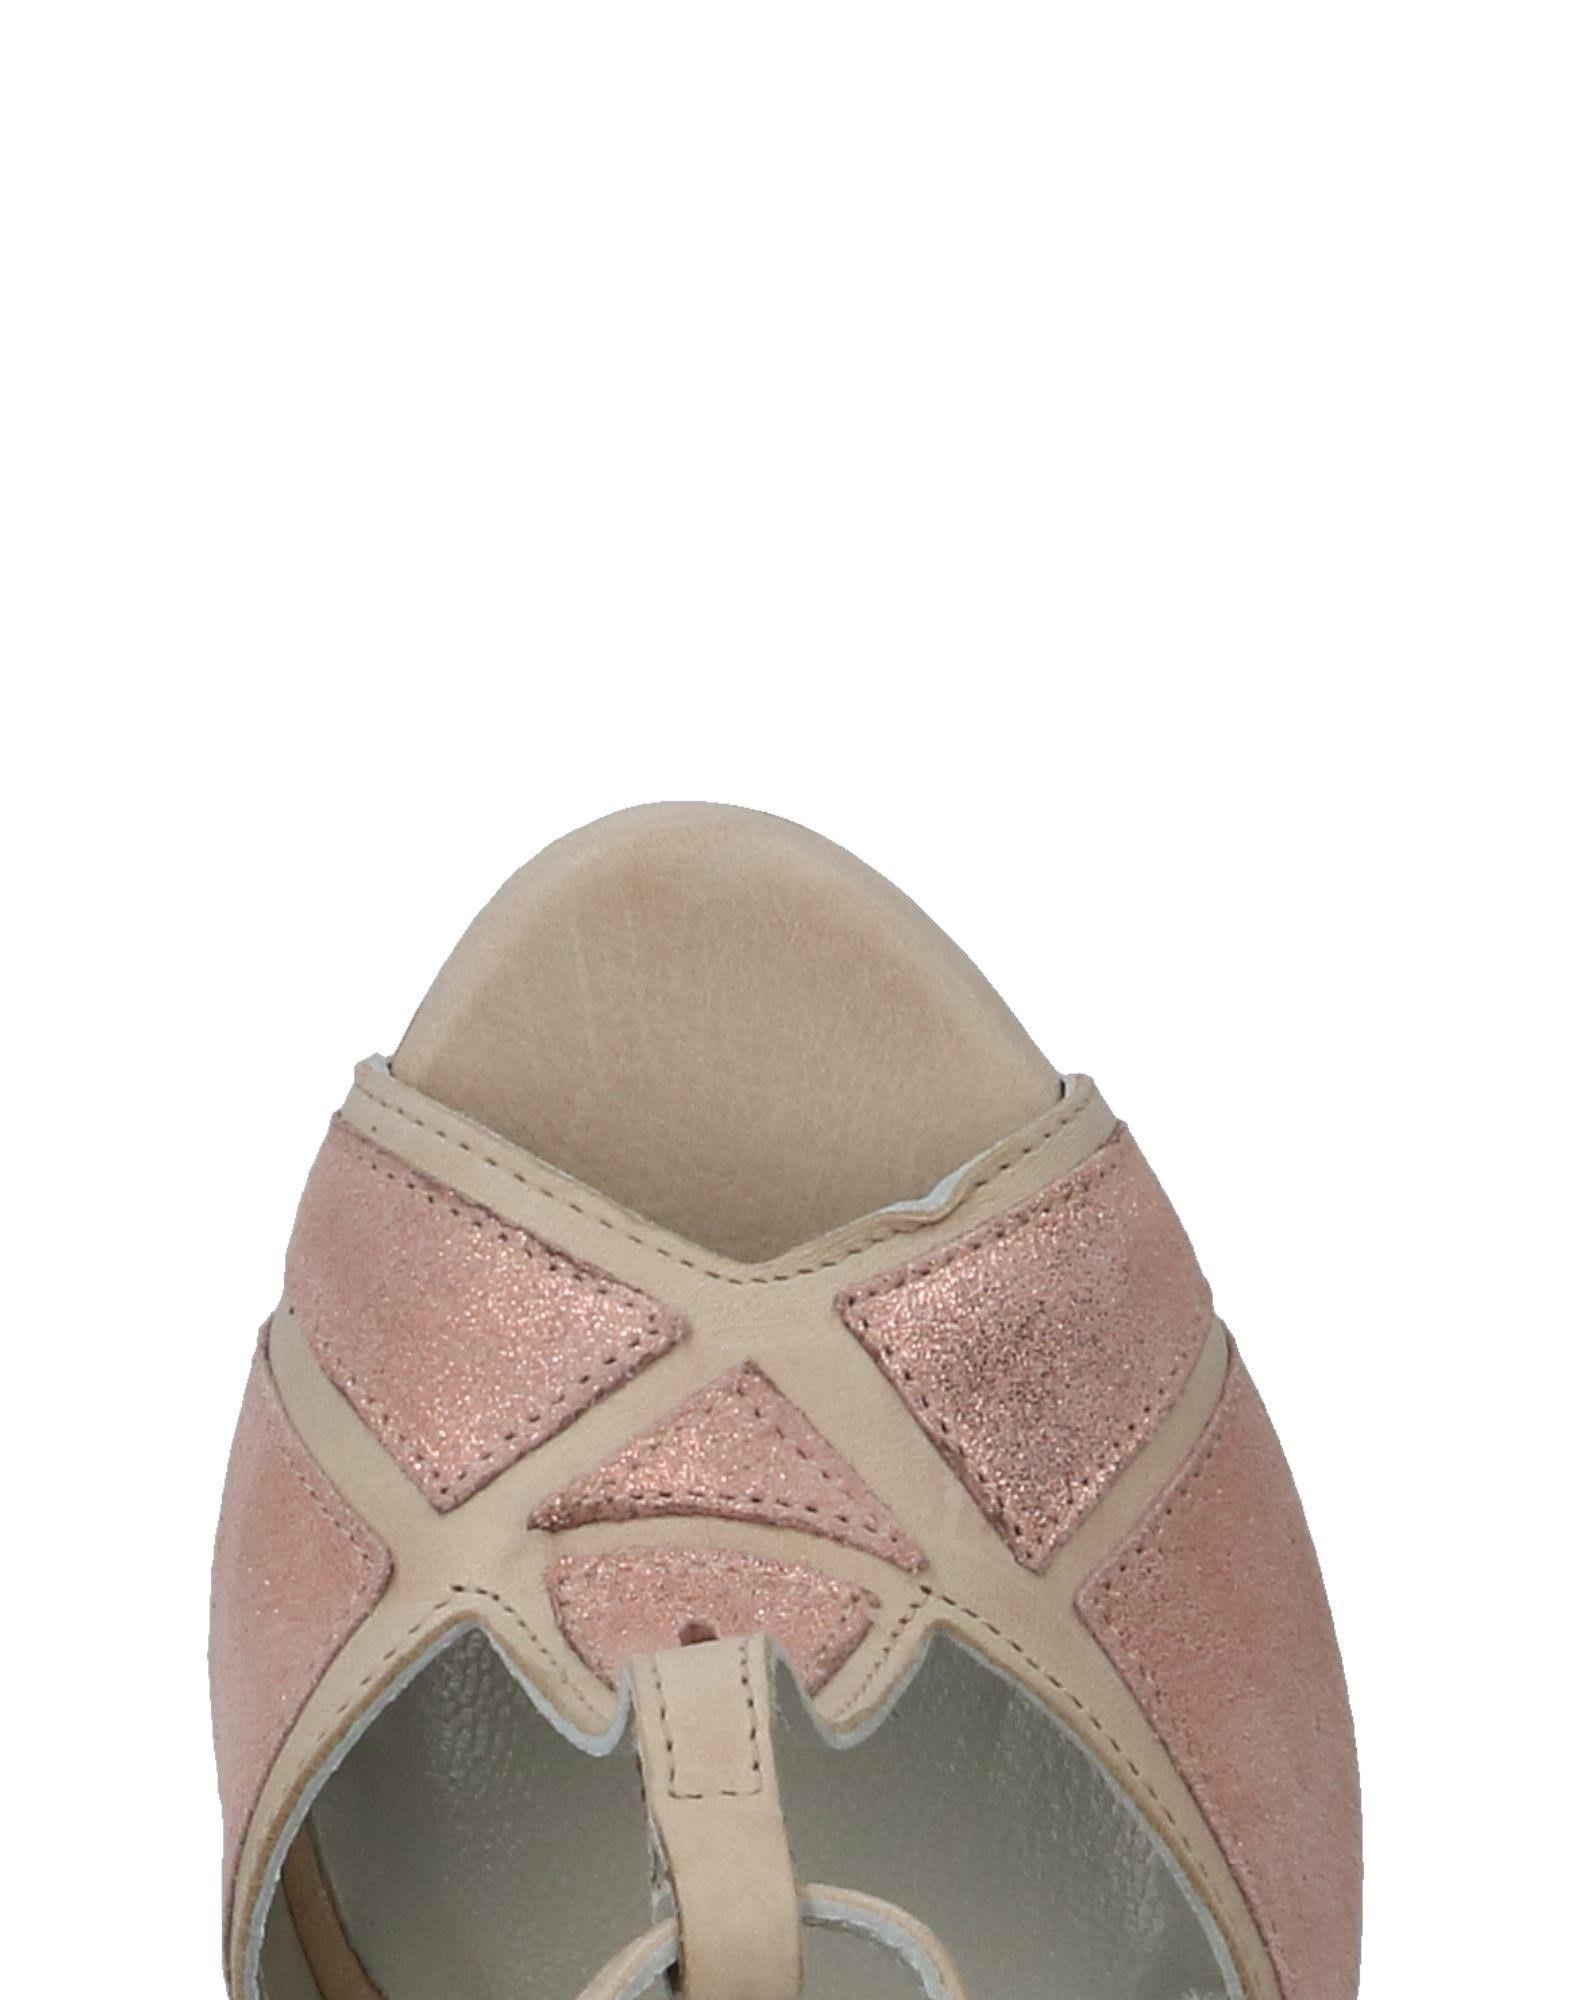 Emanuela Passeri Sandalen Damen  11331585GE Gute Qualität beliebte Schuhe